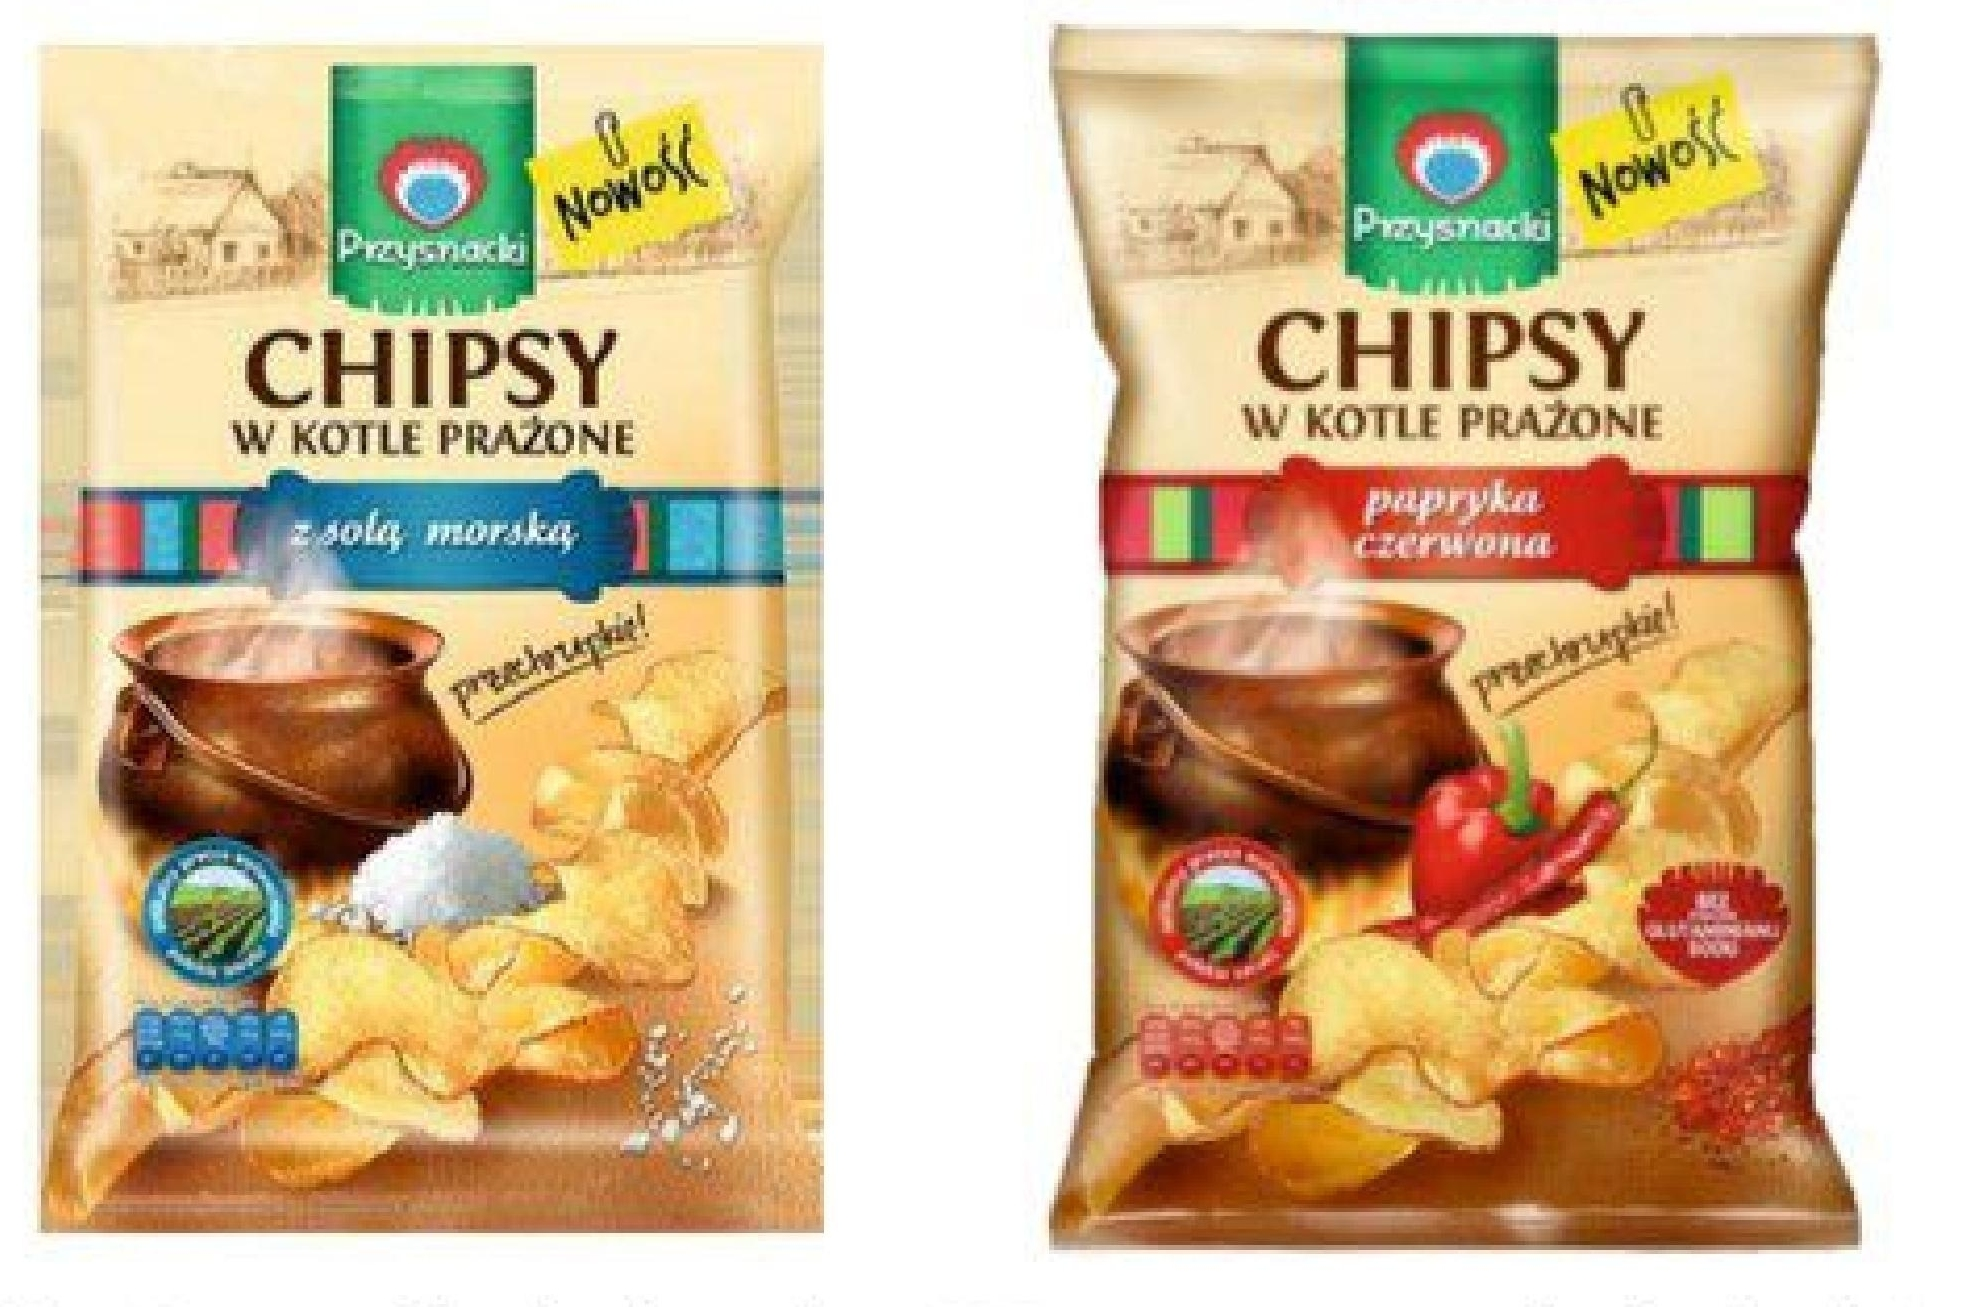 Chipsy Przysnacki niska cena